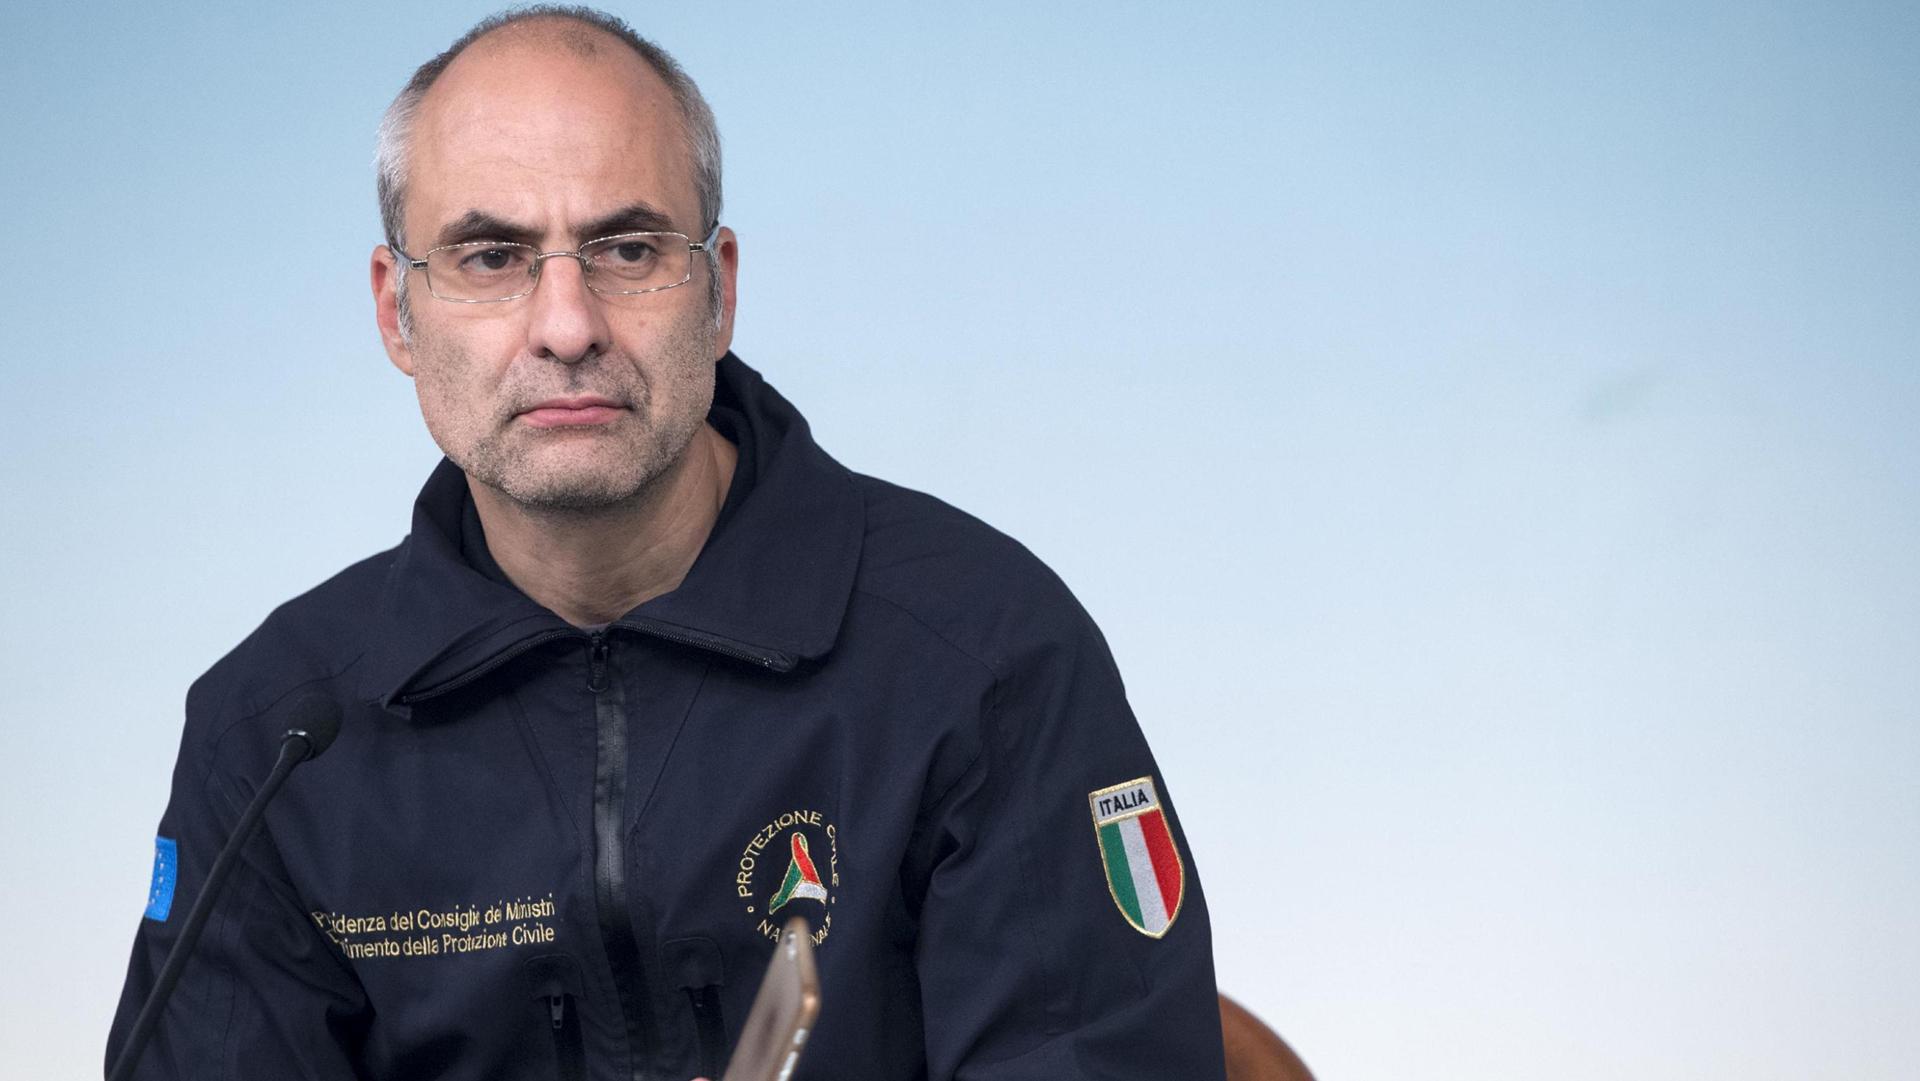 L'epidemia continua a correre, Fabrizio Curcio torna alla Protezione Civile e le altre notizie della giornata